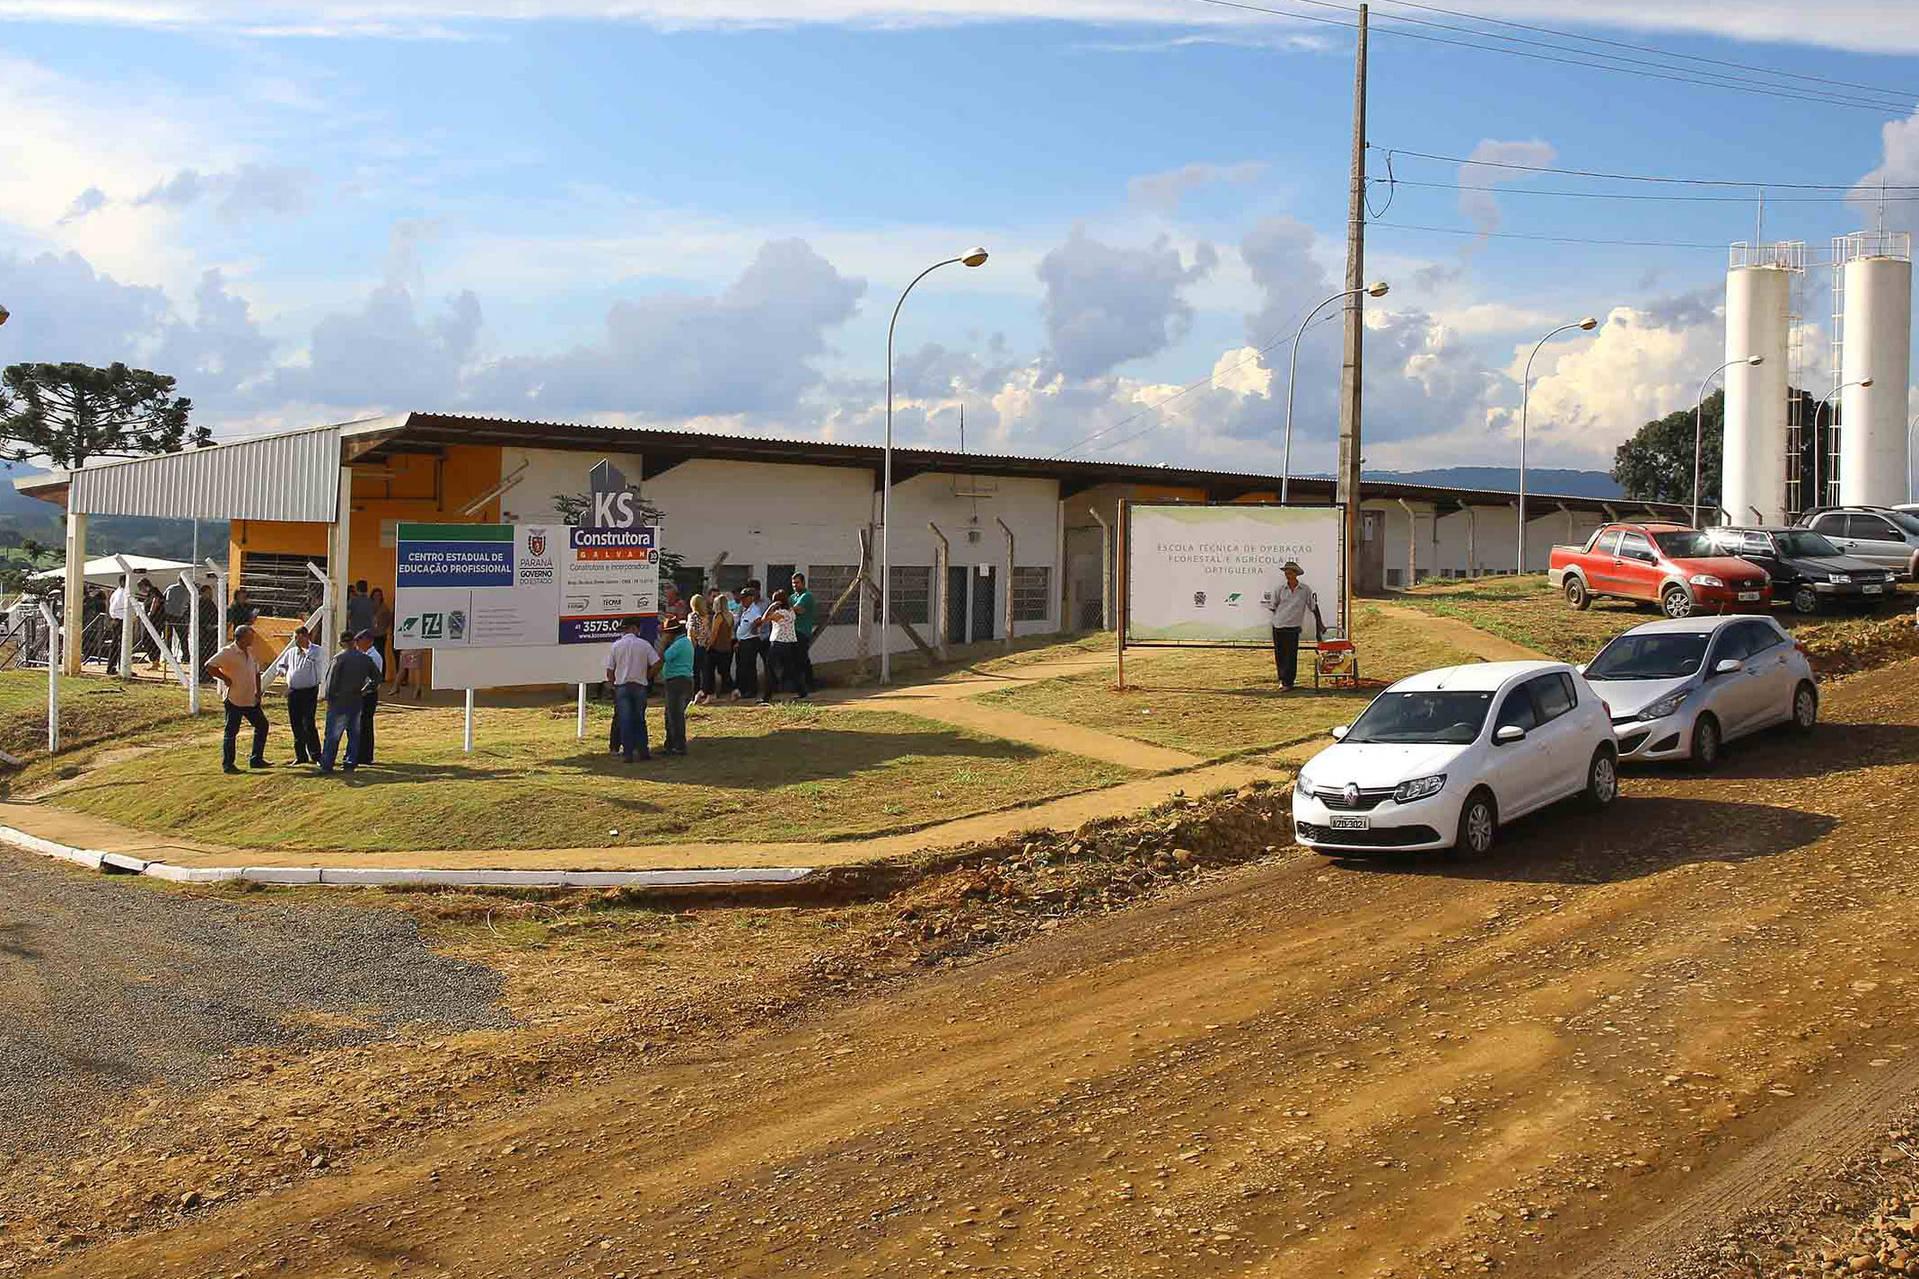 Unidade fica em Ortigueira e é resultado de parceria entre o Estado, Klabin e prefeitura local. São 800 vagas para cursos de técnico em Operações Florestais, técnico em Manutenção de Máquinas Pesadas e técnico em Agronegócio.